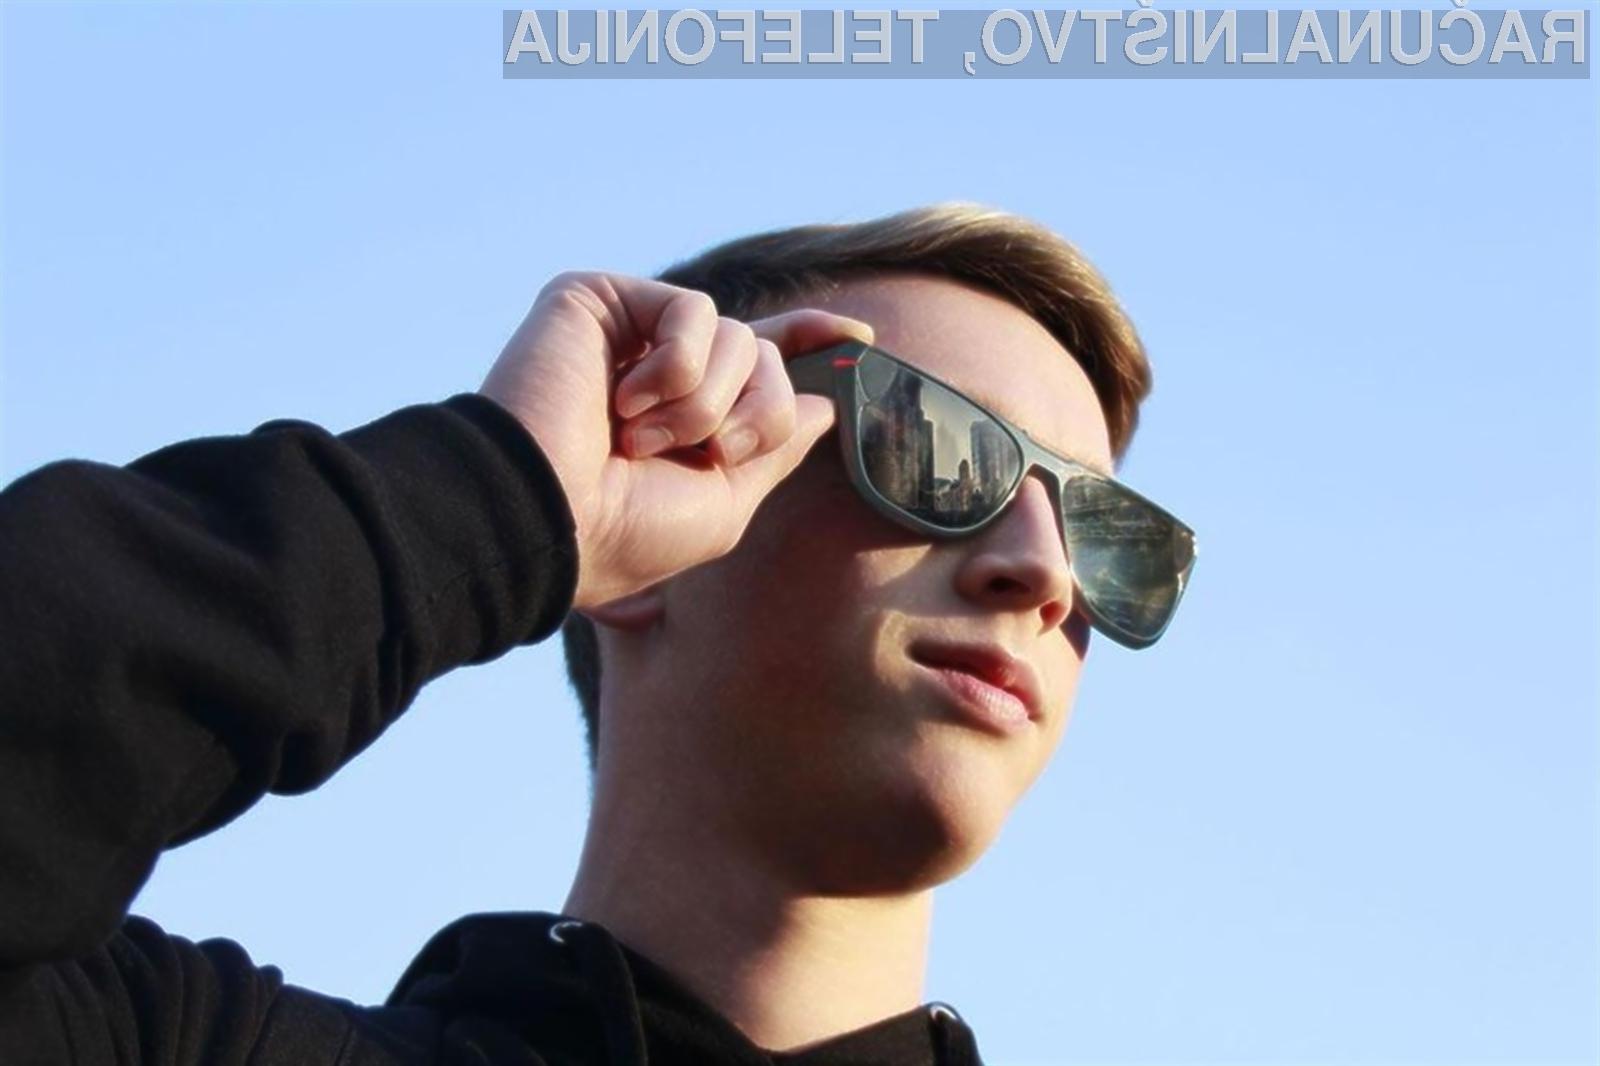 Zanimanje za pametna očala Ace Eyewear naj bi bilo zelo veliko!